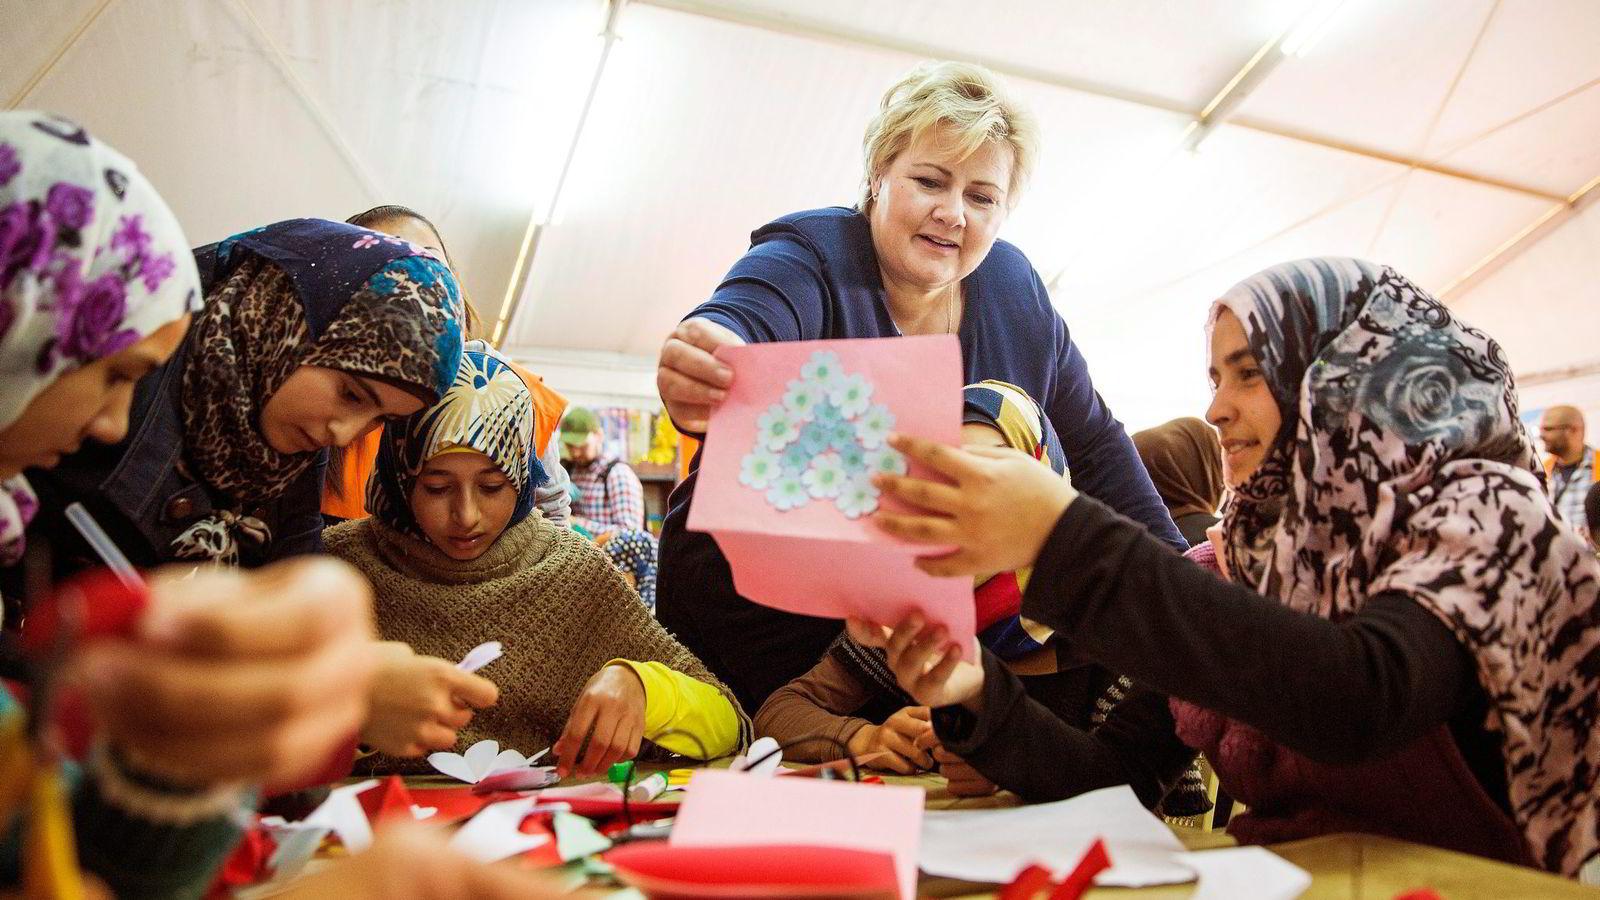 Artikkelforfatteren mener regjeringen bruker en ekstern krise til å gjøre raske gevinster i interne strider ved å kutte i deler av norsk bistand. Her er statsminister Erna Solberg (H) på besøk i flyktningleieren Zaatari i Jordan. Foto: Tore Meek,